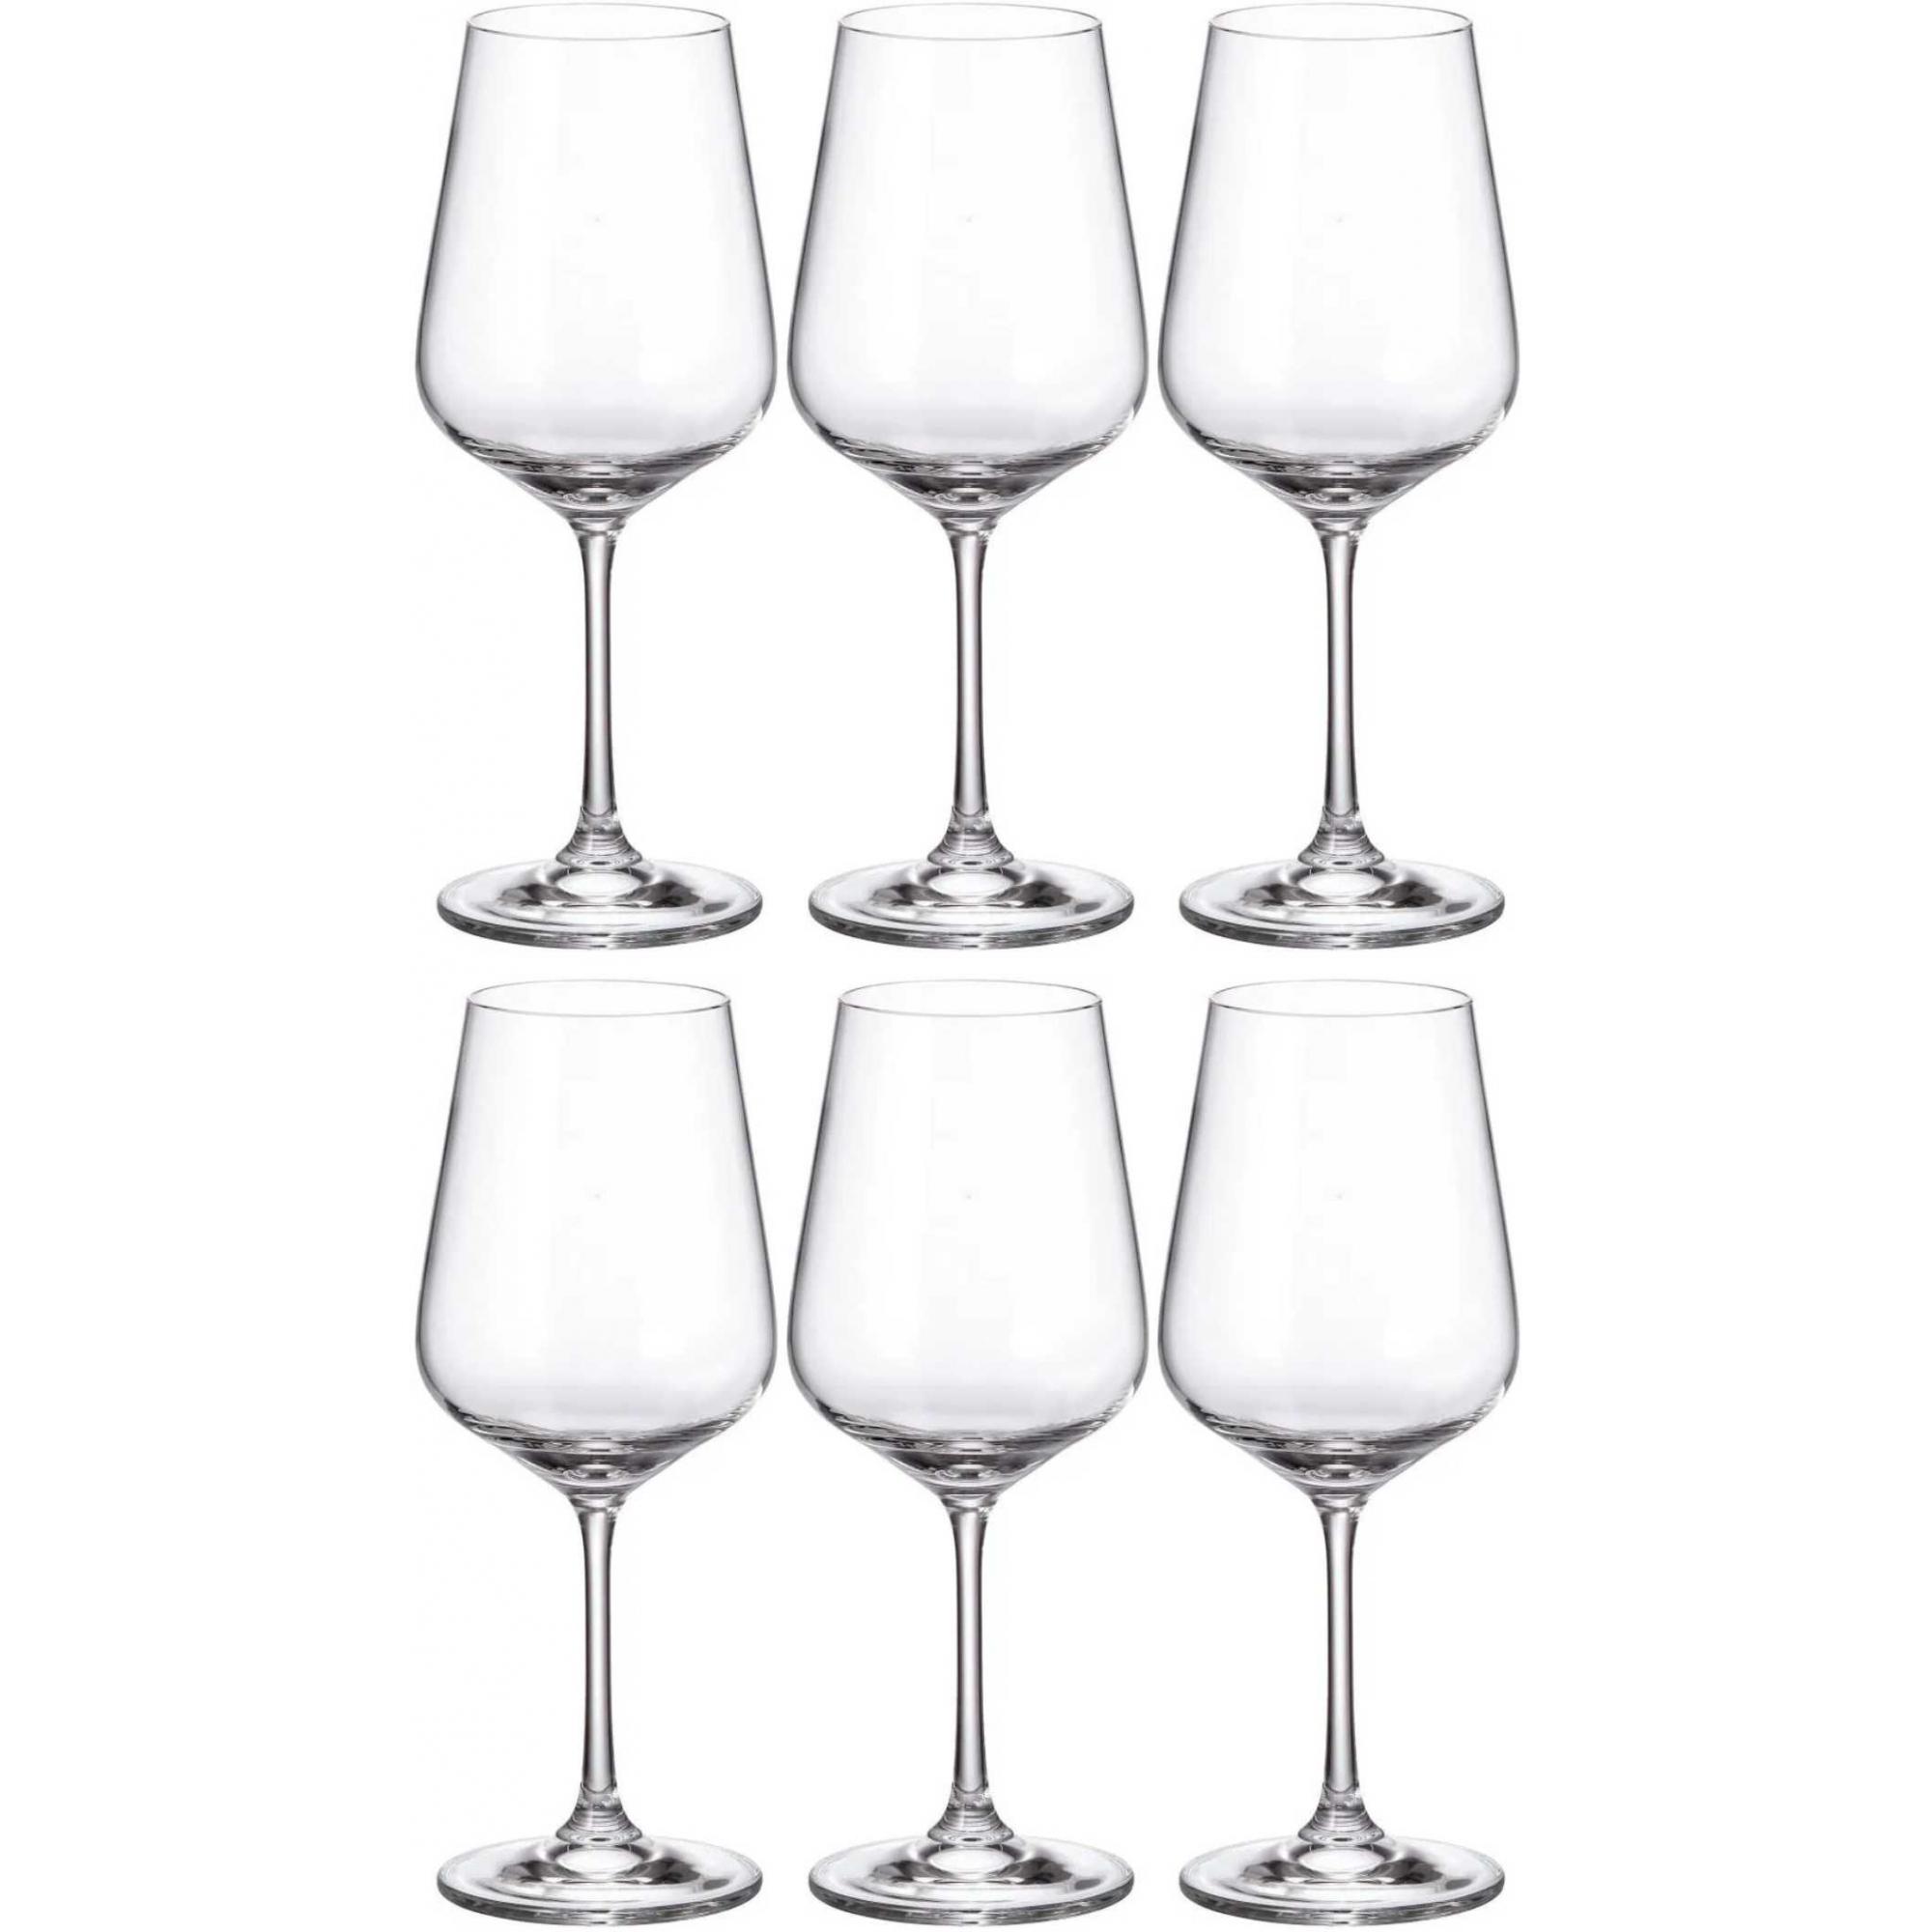 Jogo 6 Taças para Vinho Tinto 450ml CristaL Bohemia